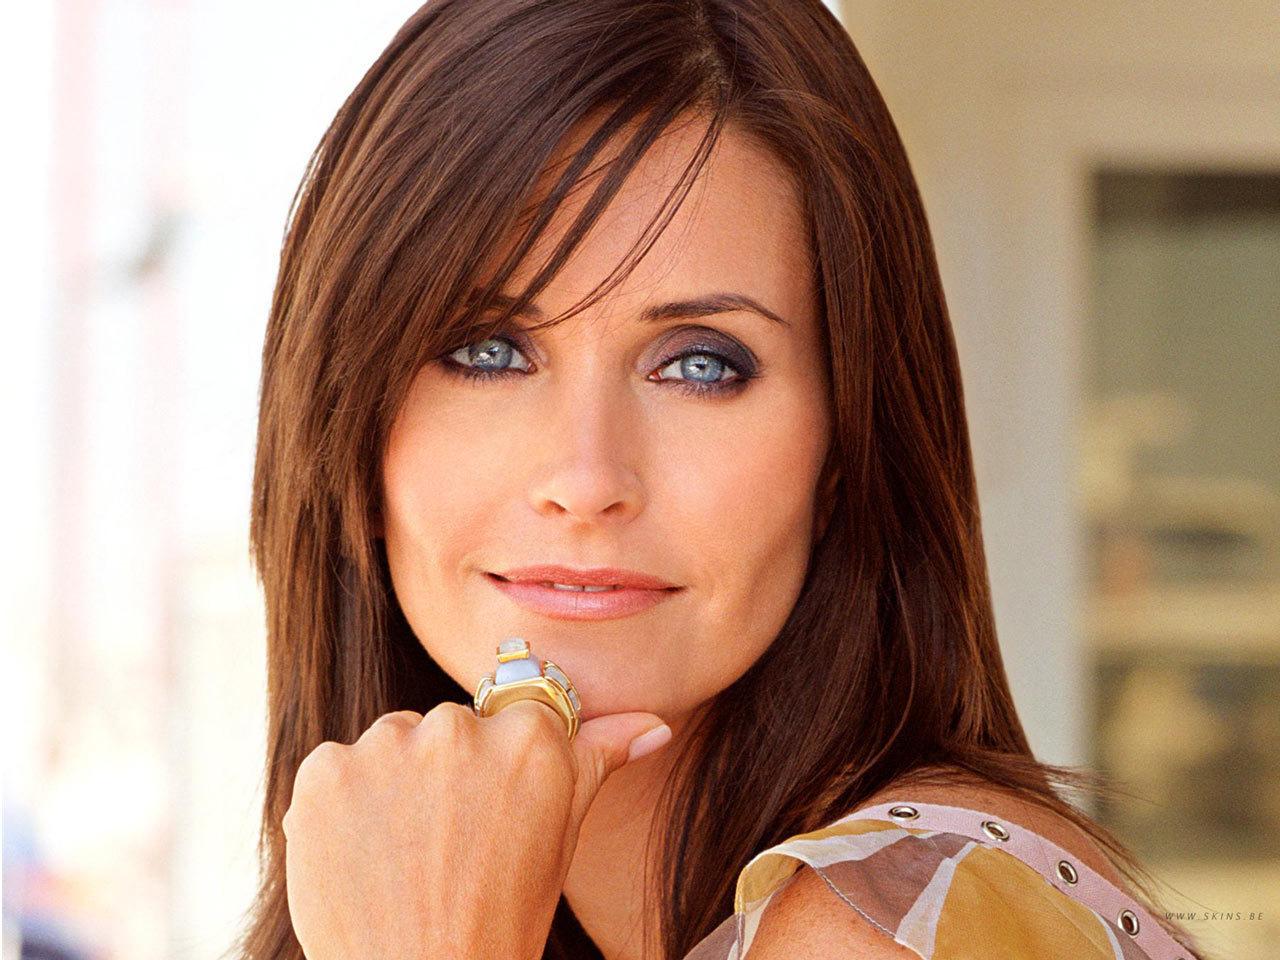 http://4.bp.blogspot.com/_GouVcSgvueY/TGp9sj7JOgI/AAAAAAAABac/P4dgycFIrGI/s1600/Courtney-Cox-Arquette-Monica-Geller-monica-geller-5053507-1280-960.jpg